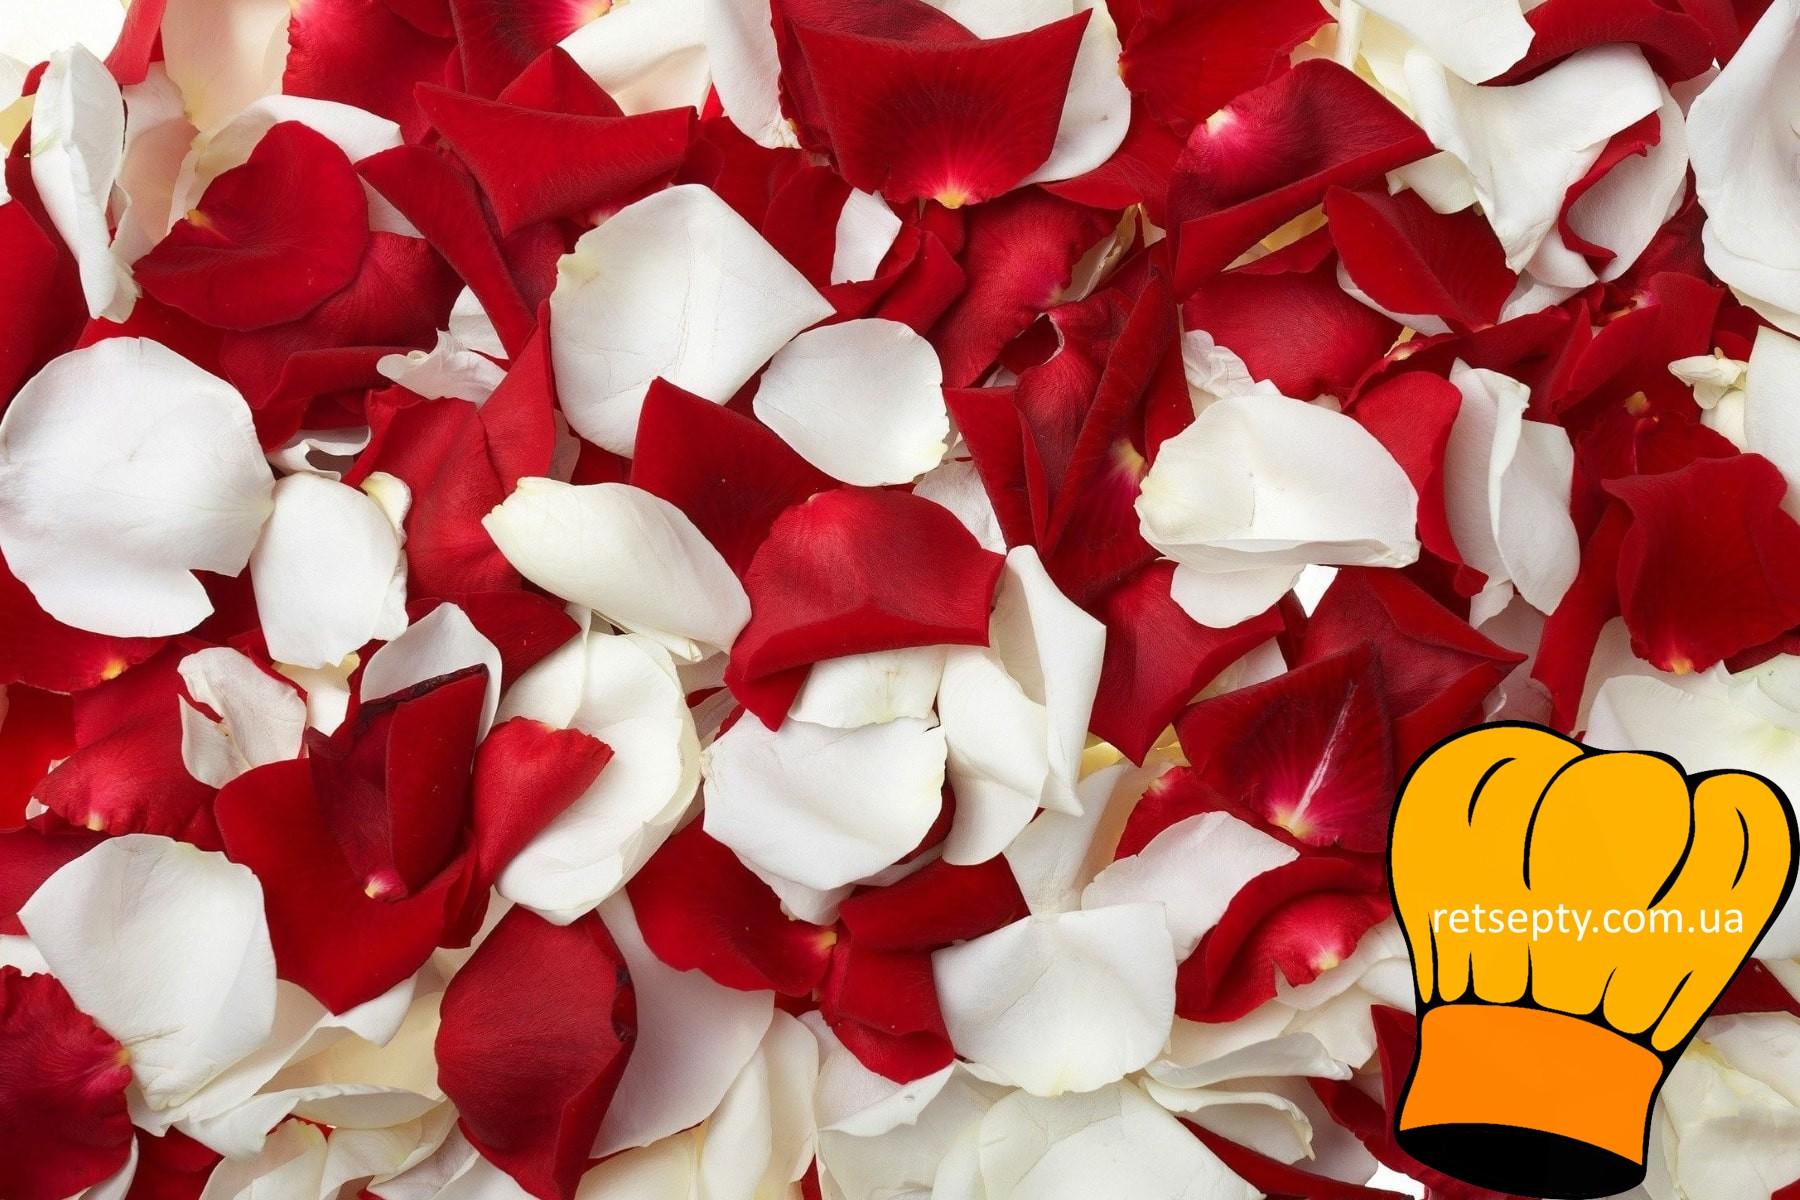 Як приготувати варення з пелюсток троянди